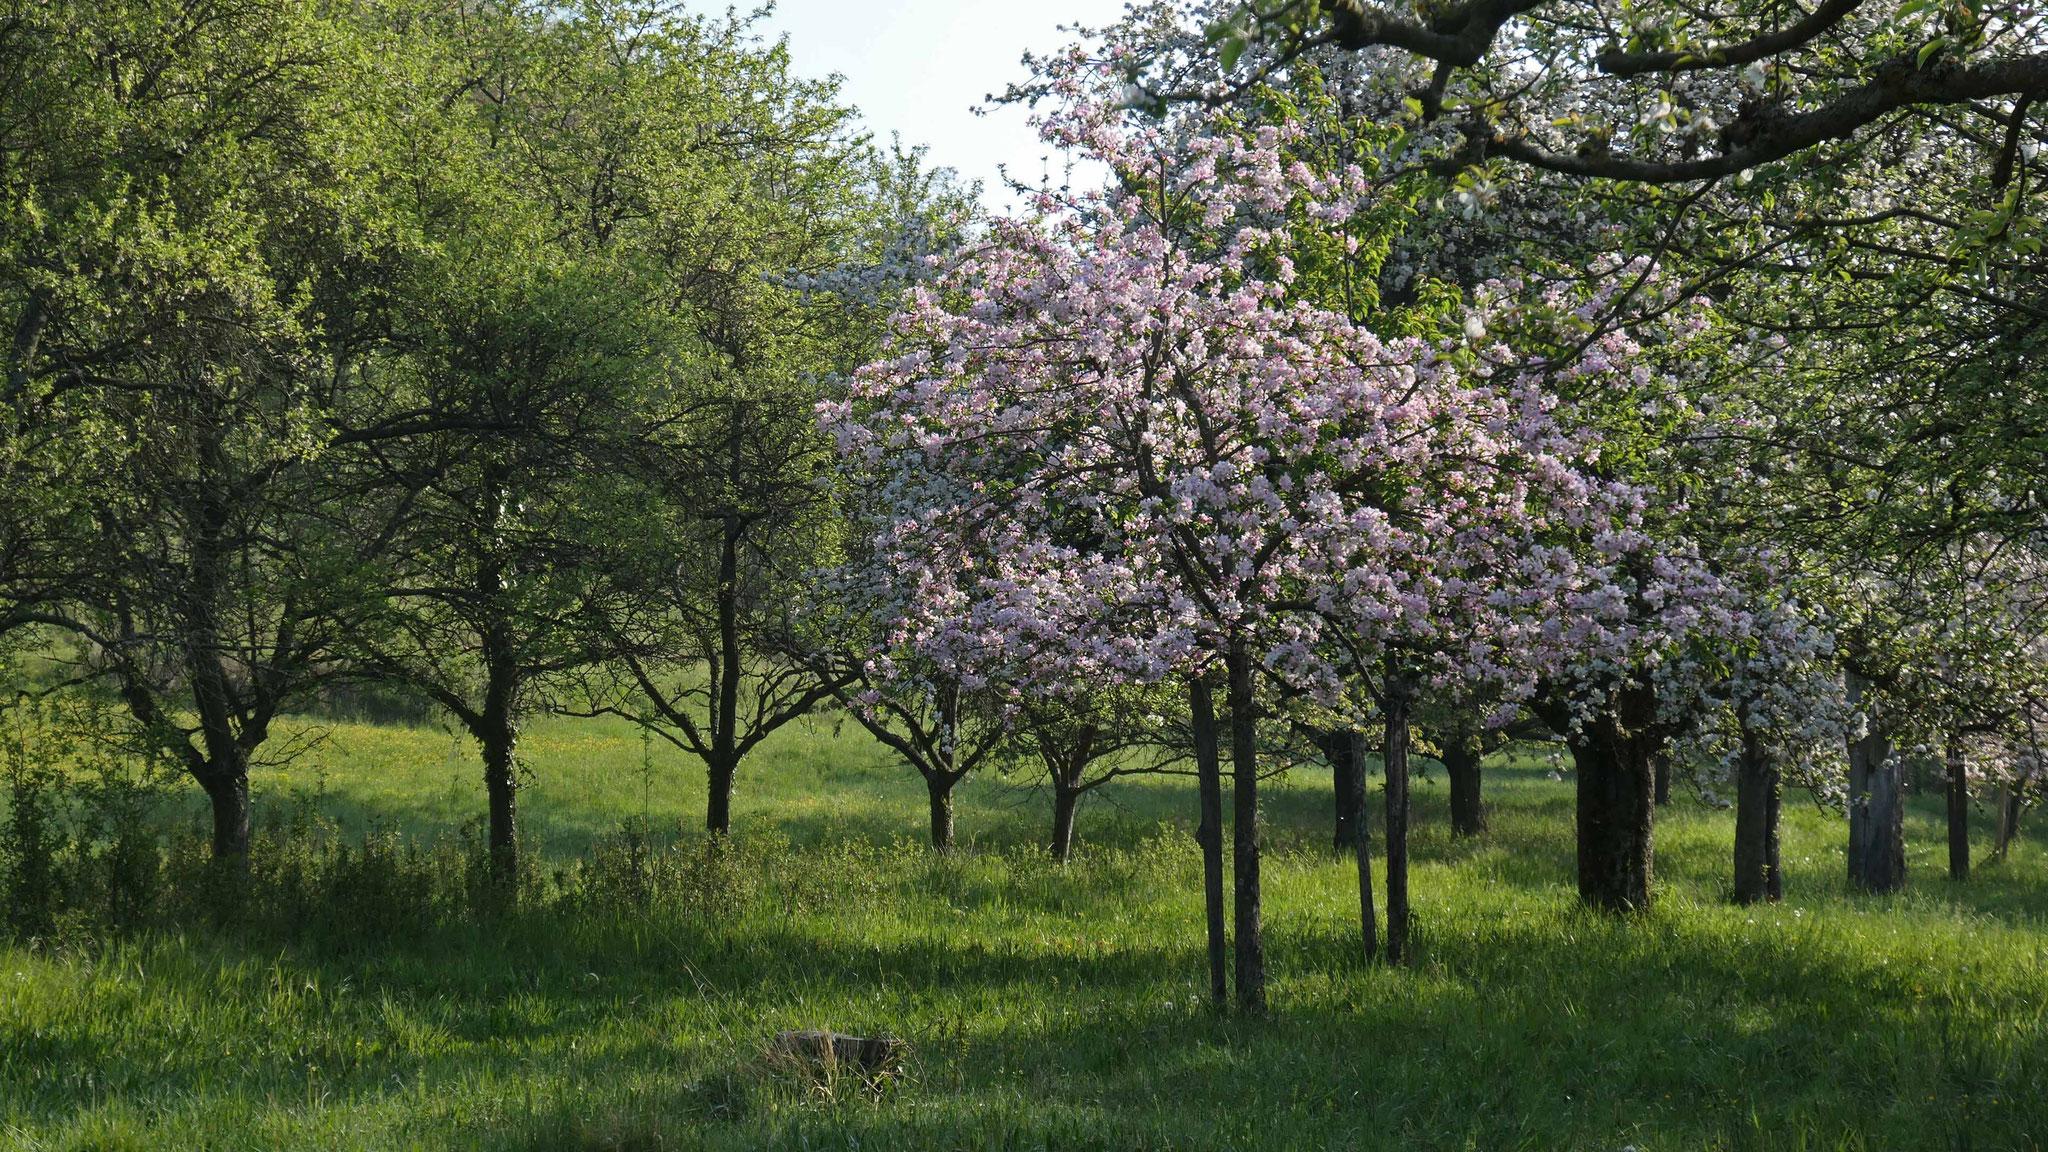 Bildergalerie Hohlenpfad südöstlich von Tairnbach (NSG Birkenwald bei Tafel 10, siehe Faltblatt), Fotos: A. Treffer